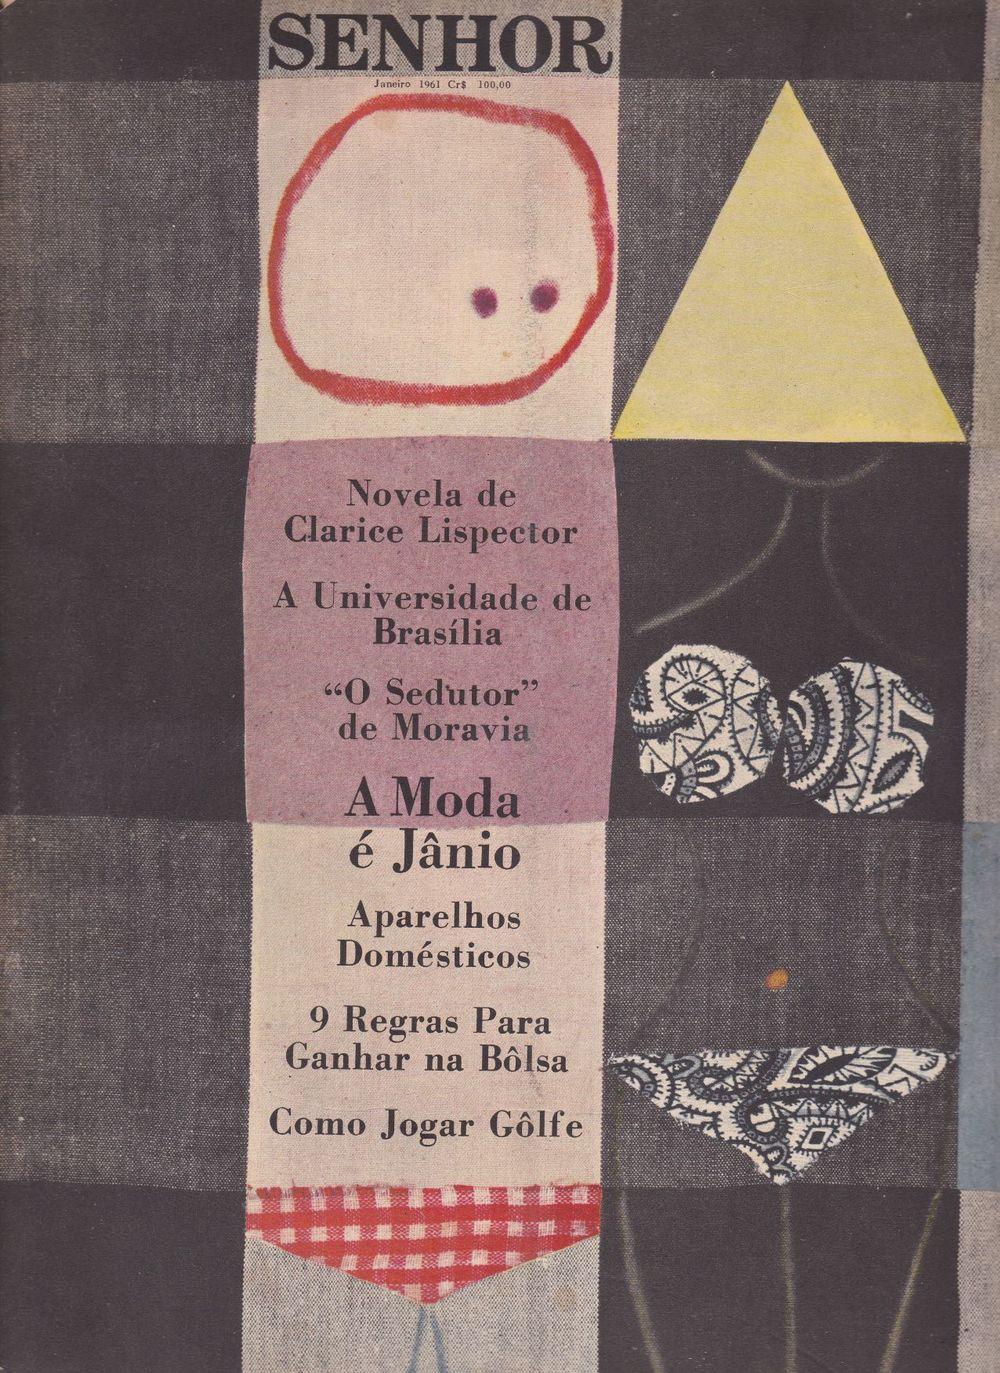 Couverture du numéro de  Senhor  de janvier 1961 par Glauco Rodrigues.